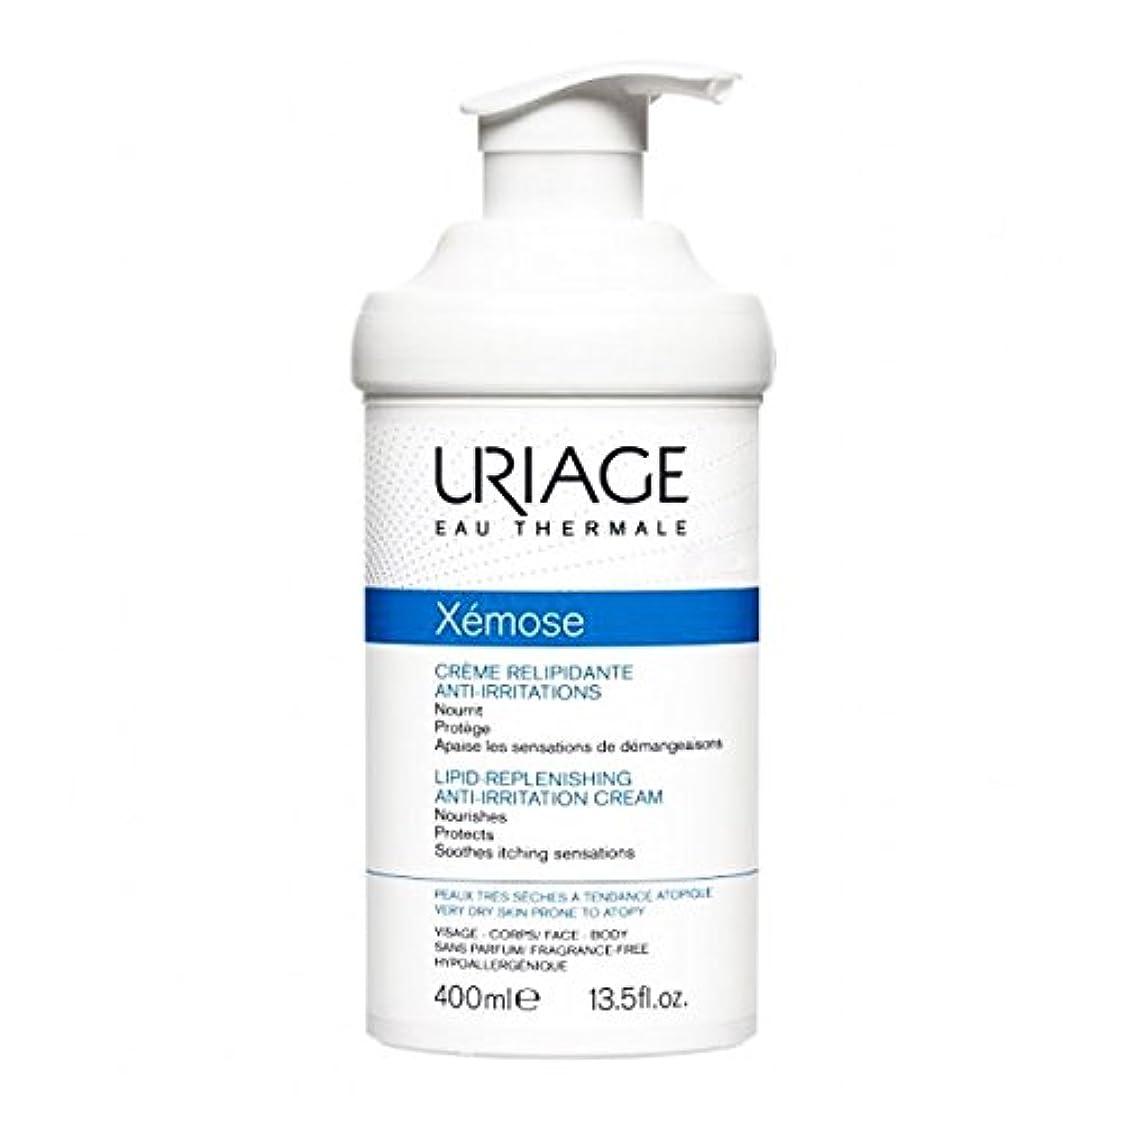 ふりをするドキュメンタリー酒Uriage X駑ose Universal Emollient Cream 400ml [並行輸入品]